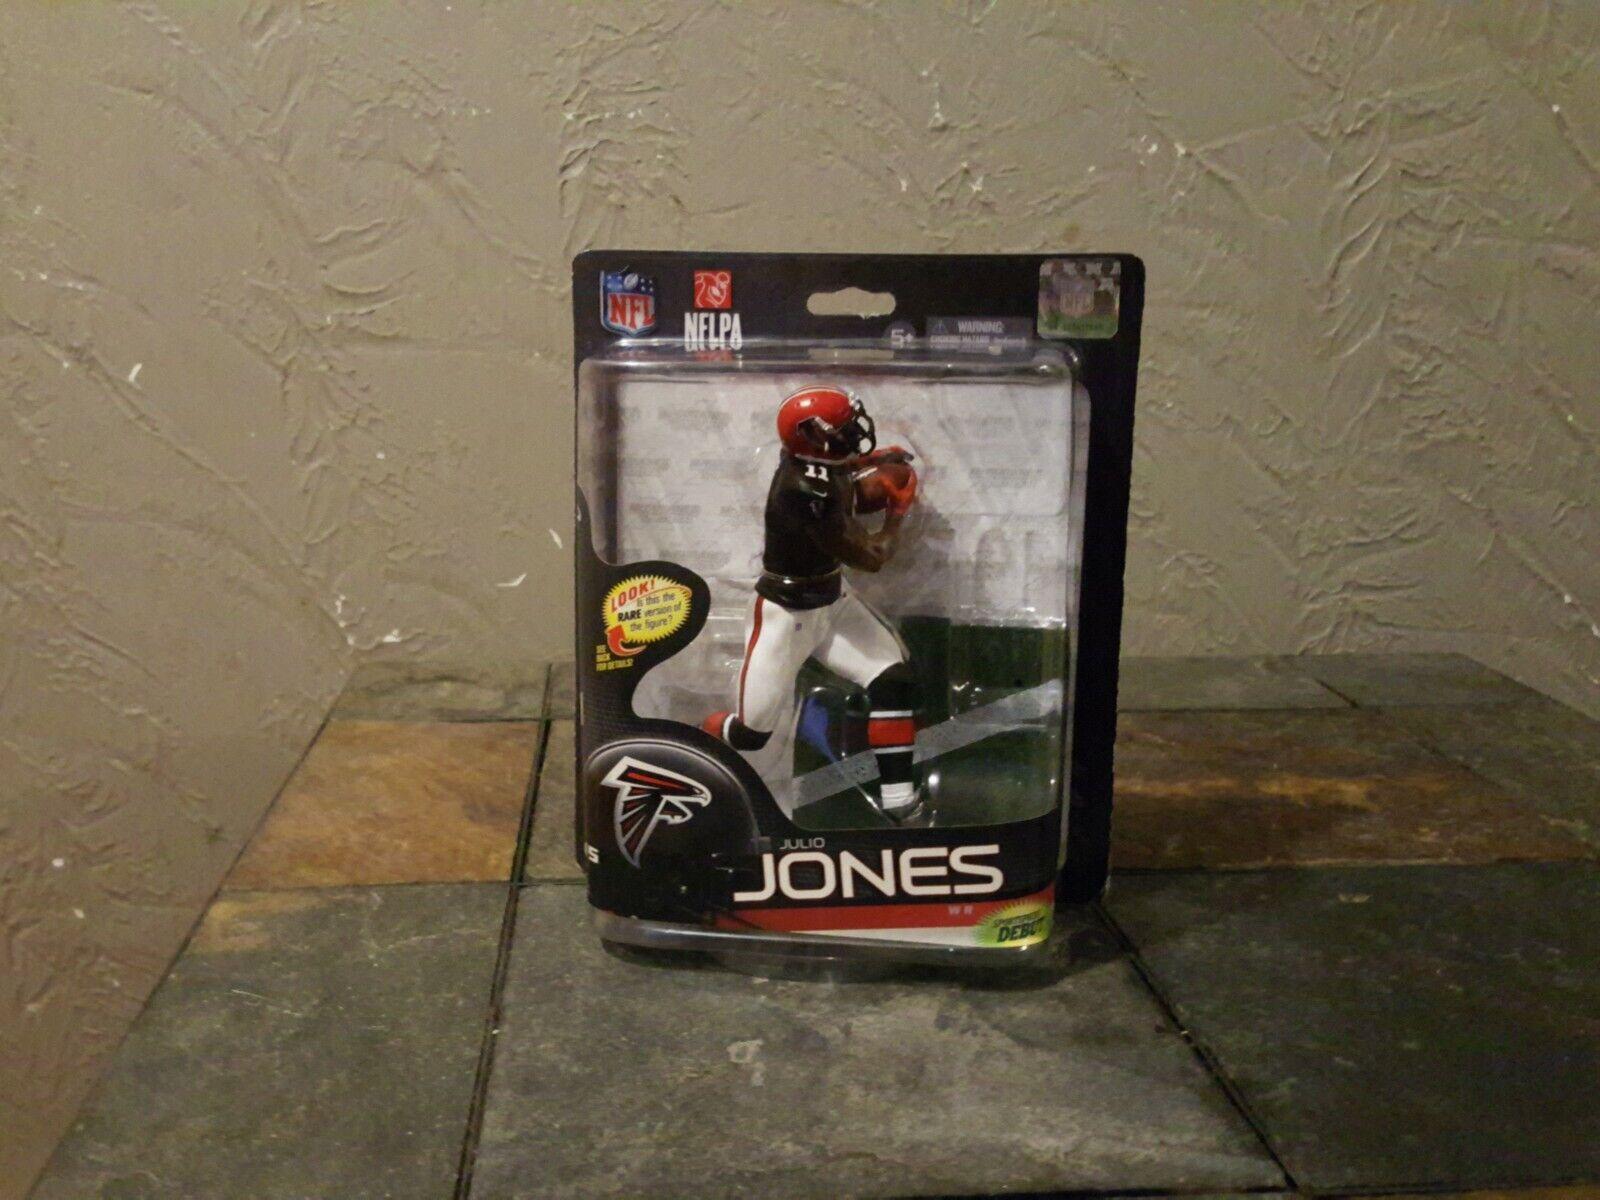 MCFARLANE JULIO JONES NFL SERIES  33 COLLECTOR LEVEL Atlanta Falcons  bienvenue pour acheter